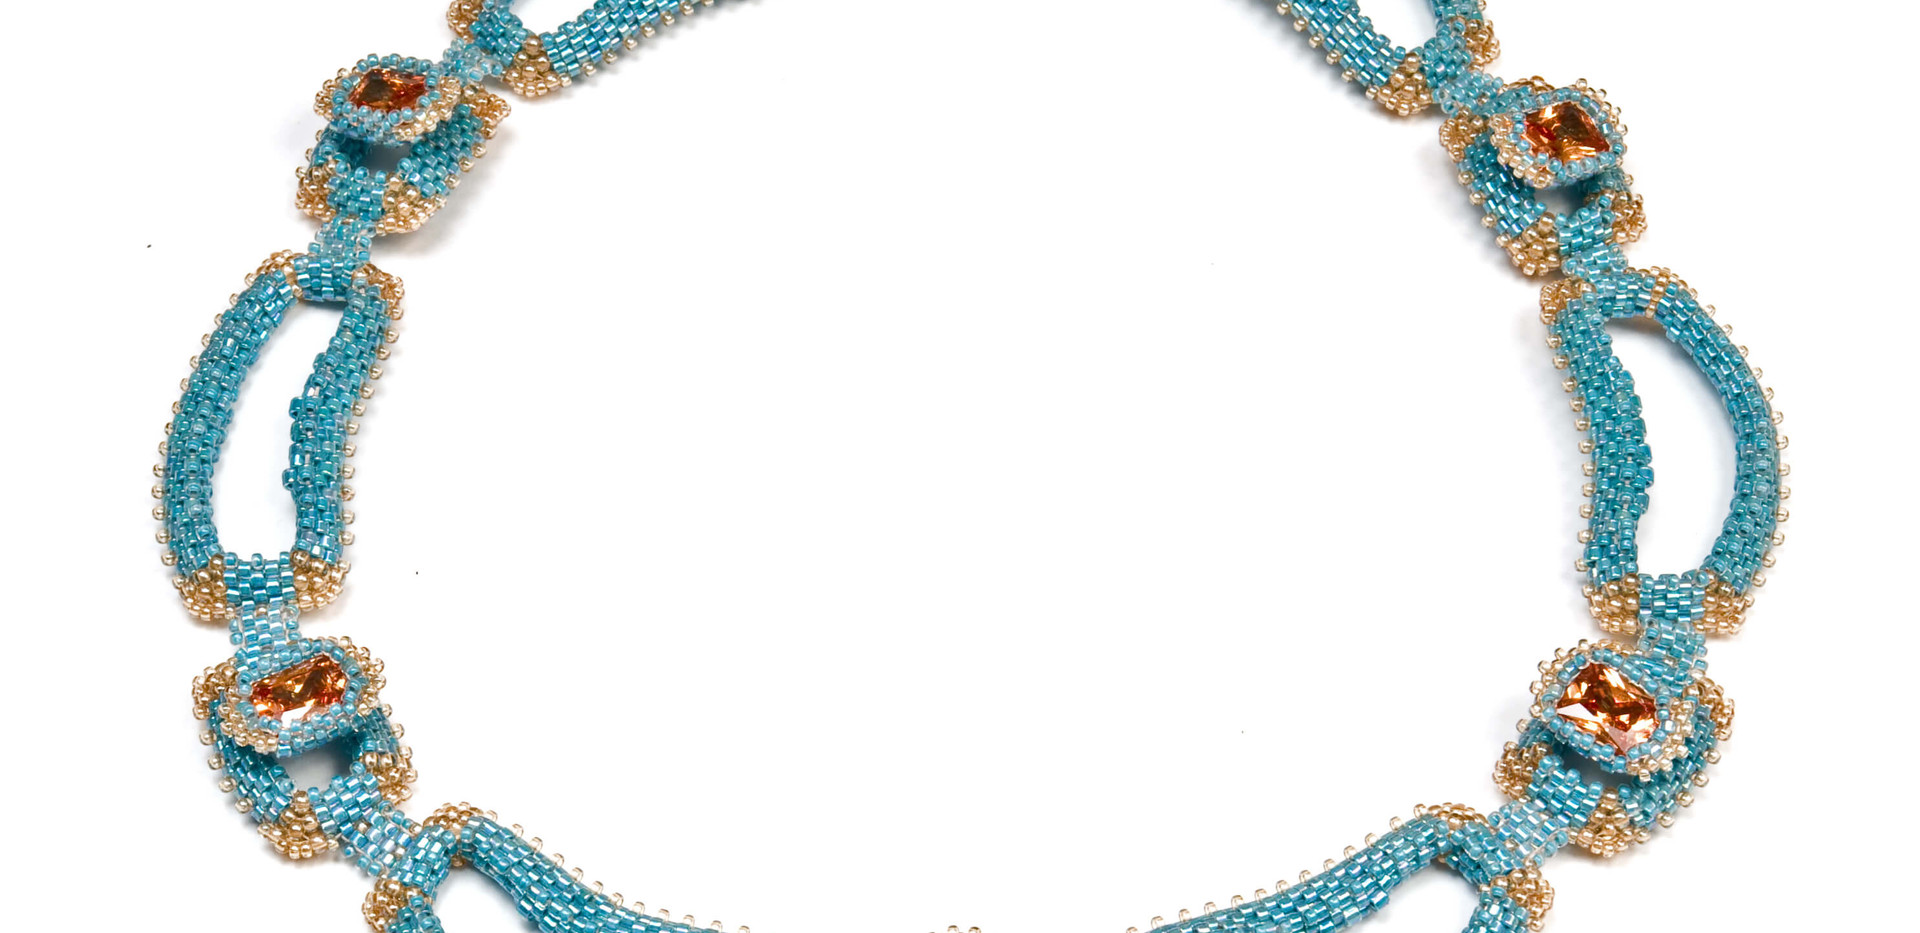 Monteleone in Turquoise